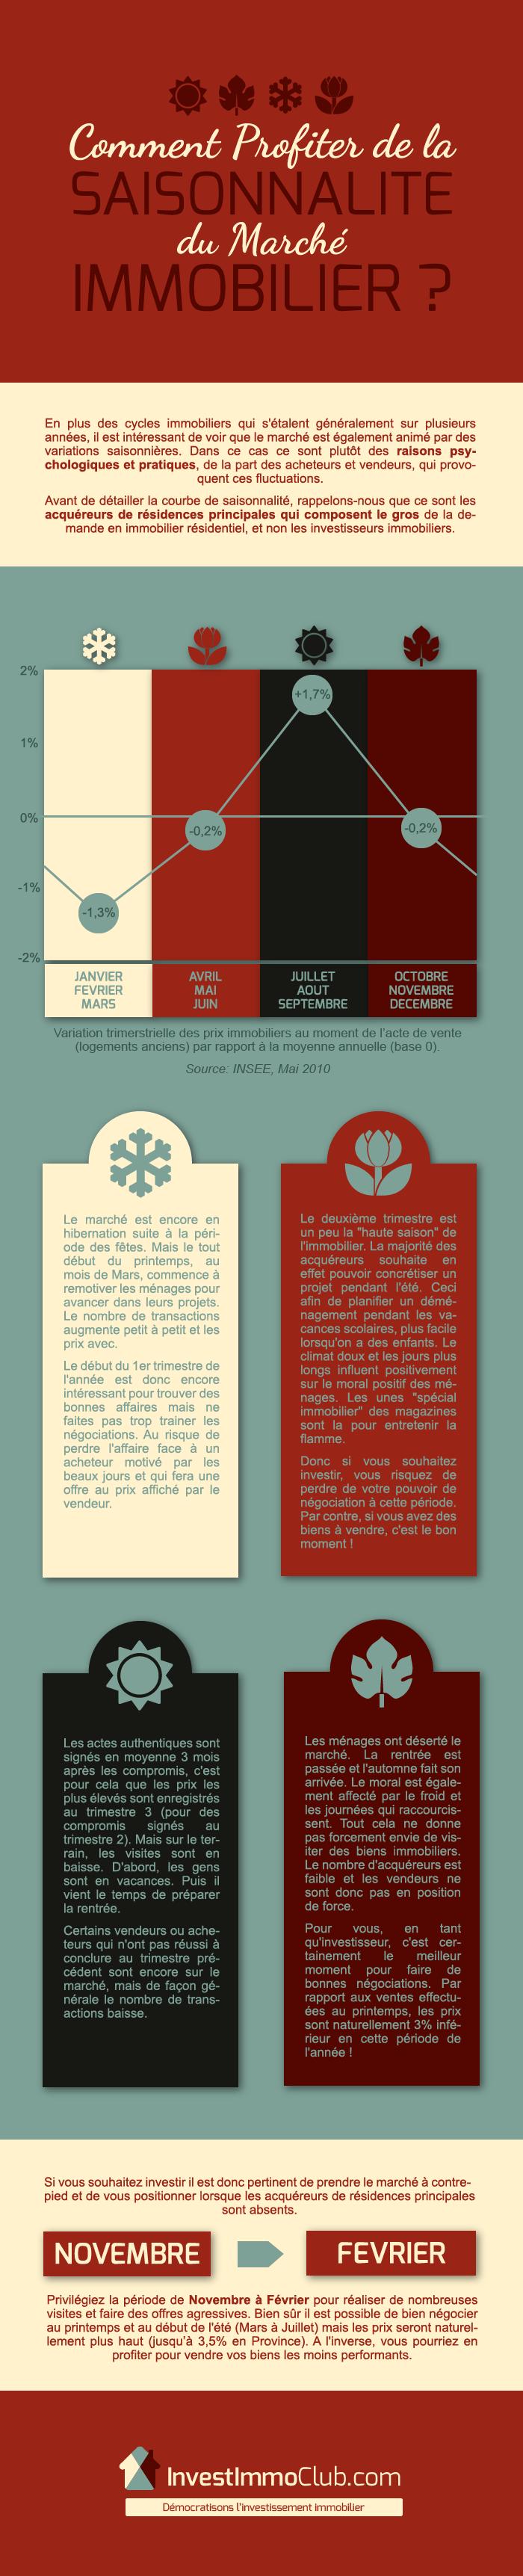 InvestImmoClub-Infographie-SaisonnaliteImmobilier